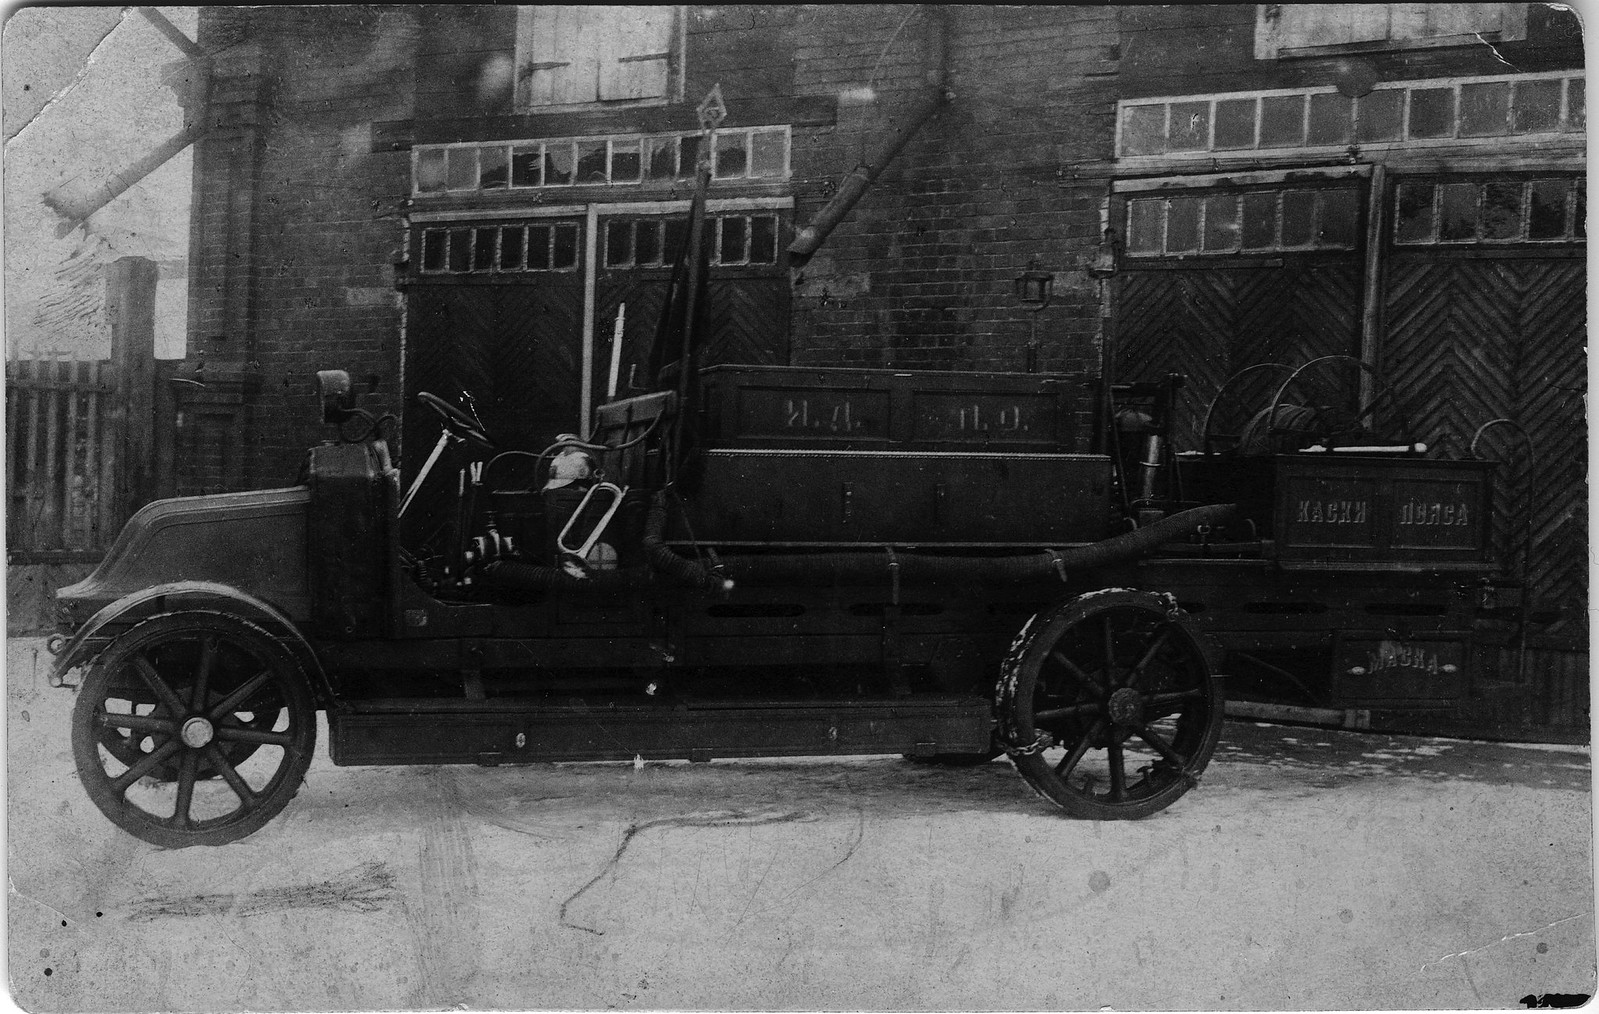 1924. Пожарный автомобиль Добровольного пожарного общества города Иркутска, оборудованный своими силами на шасси Рено